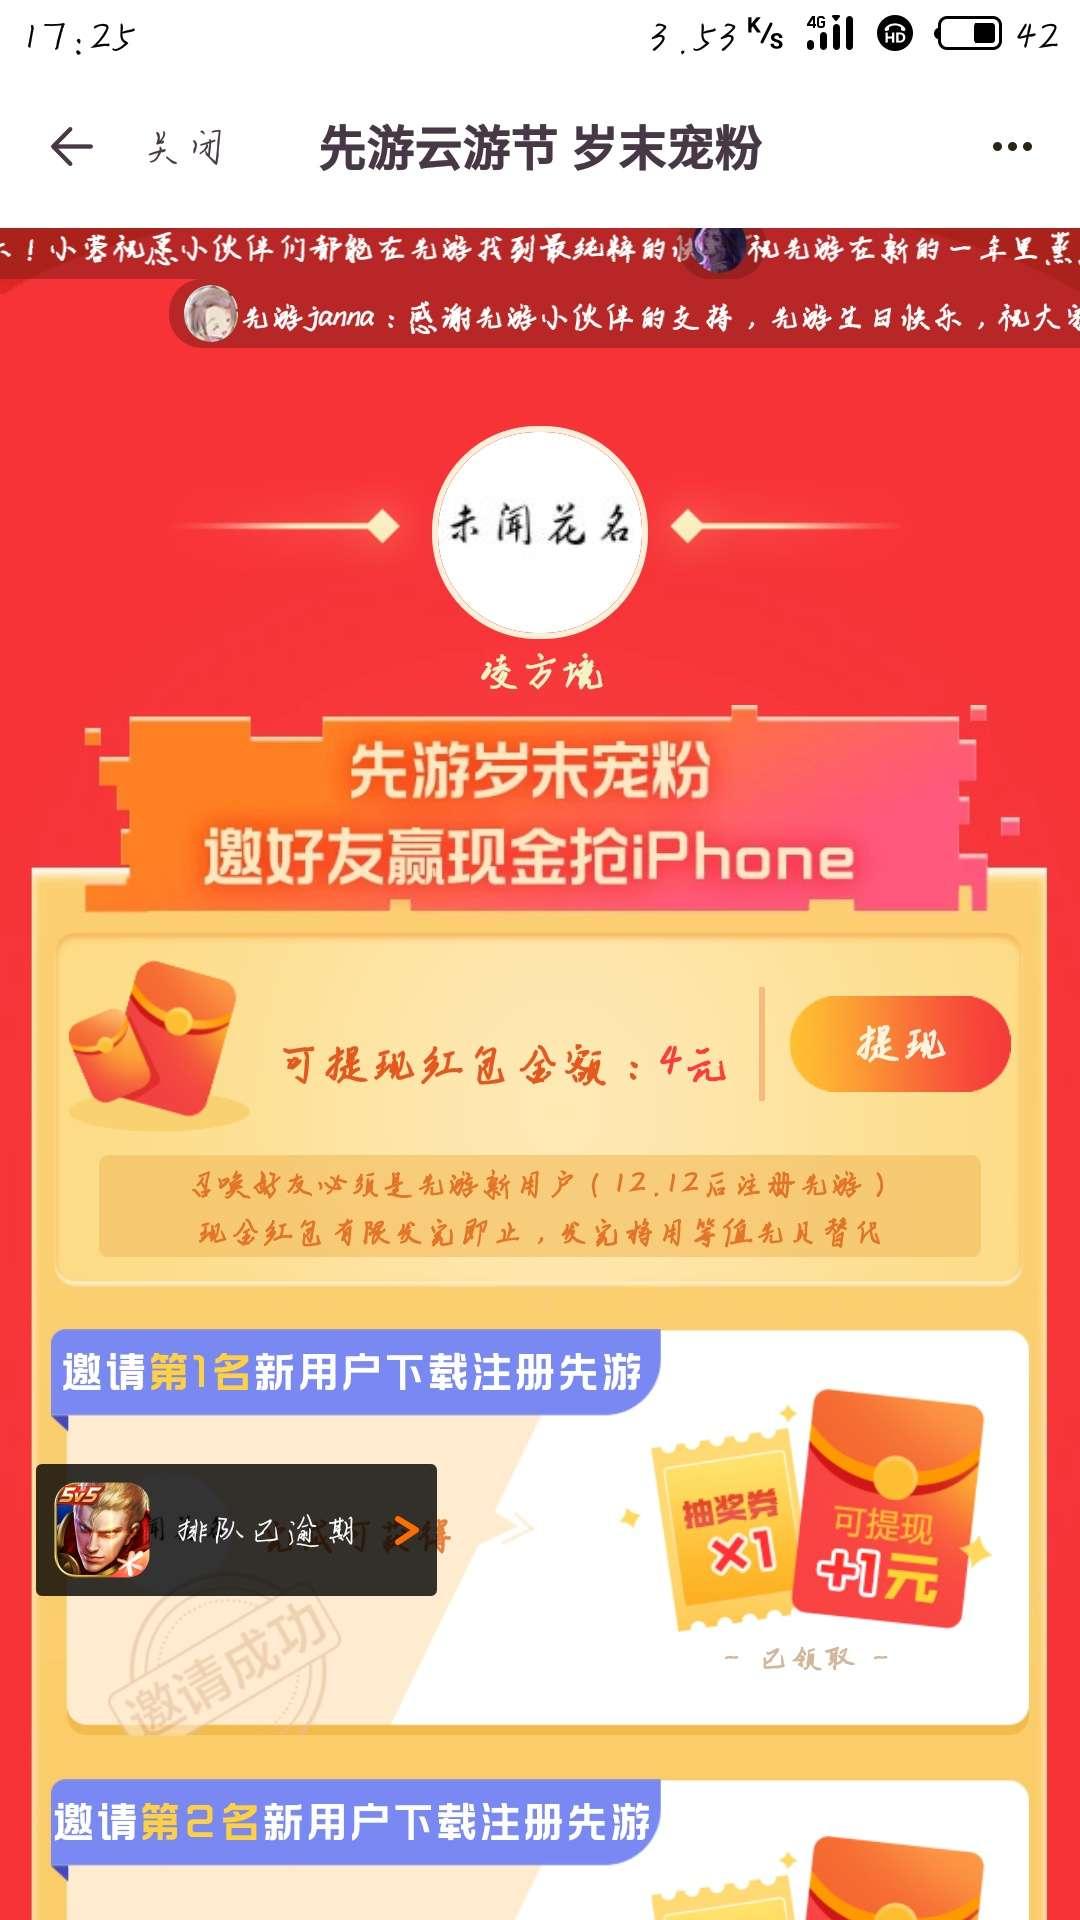 【红包福利】先游玩游戏必得红包+邀请小号-聚合资源网